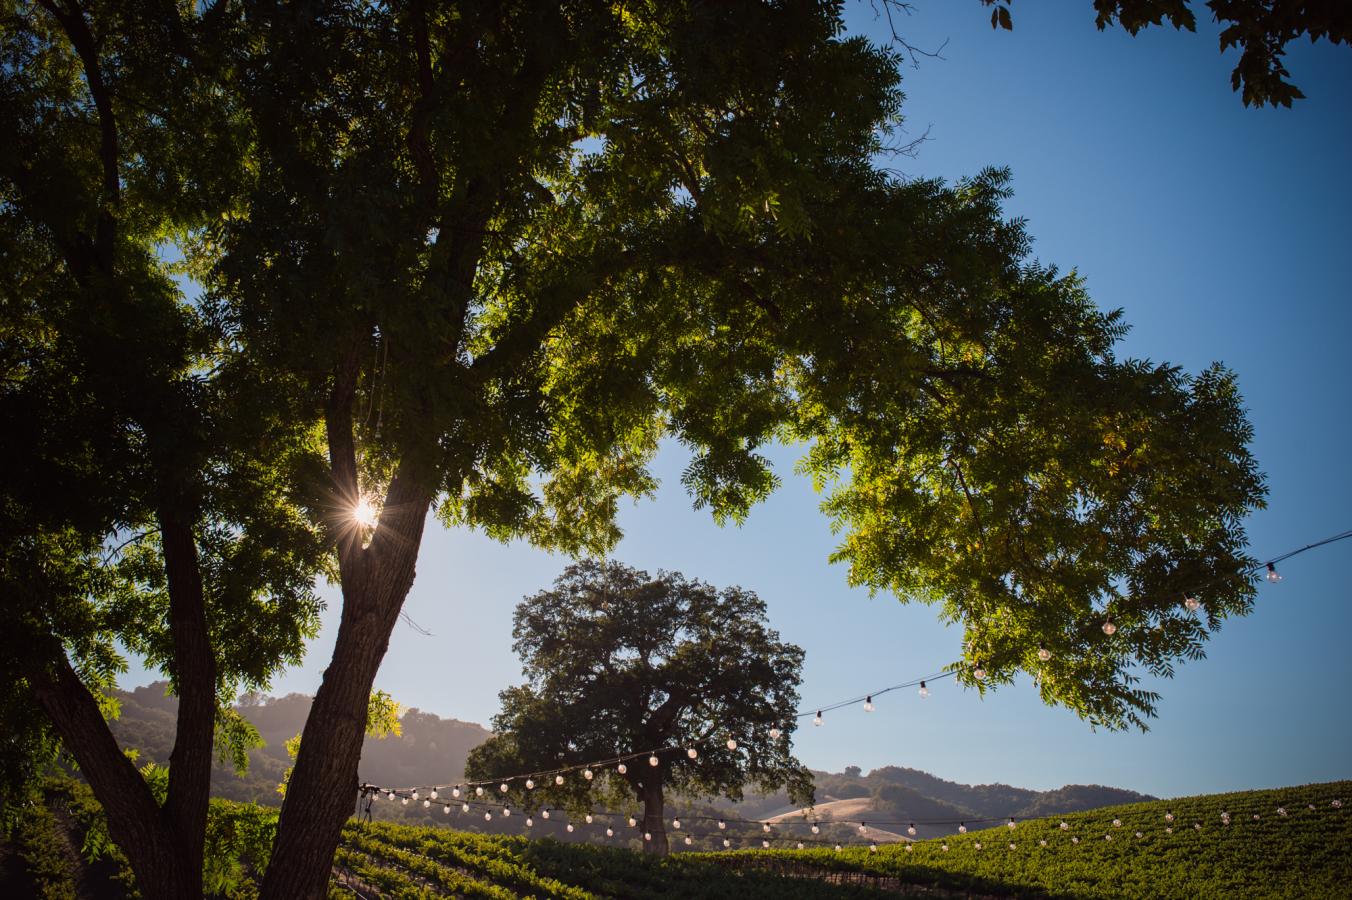 vinyardwedding2.jpg